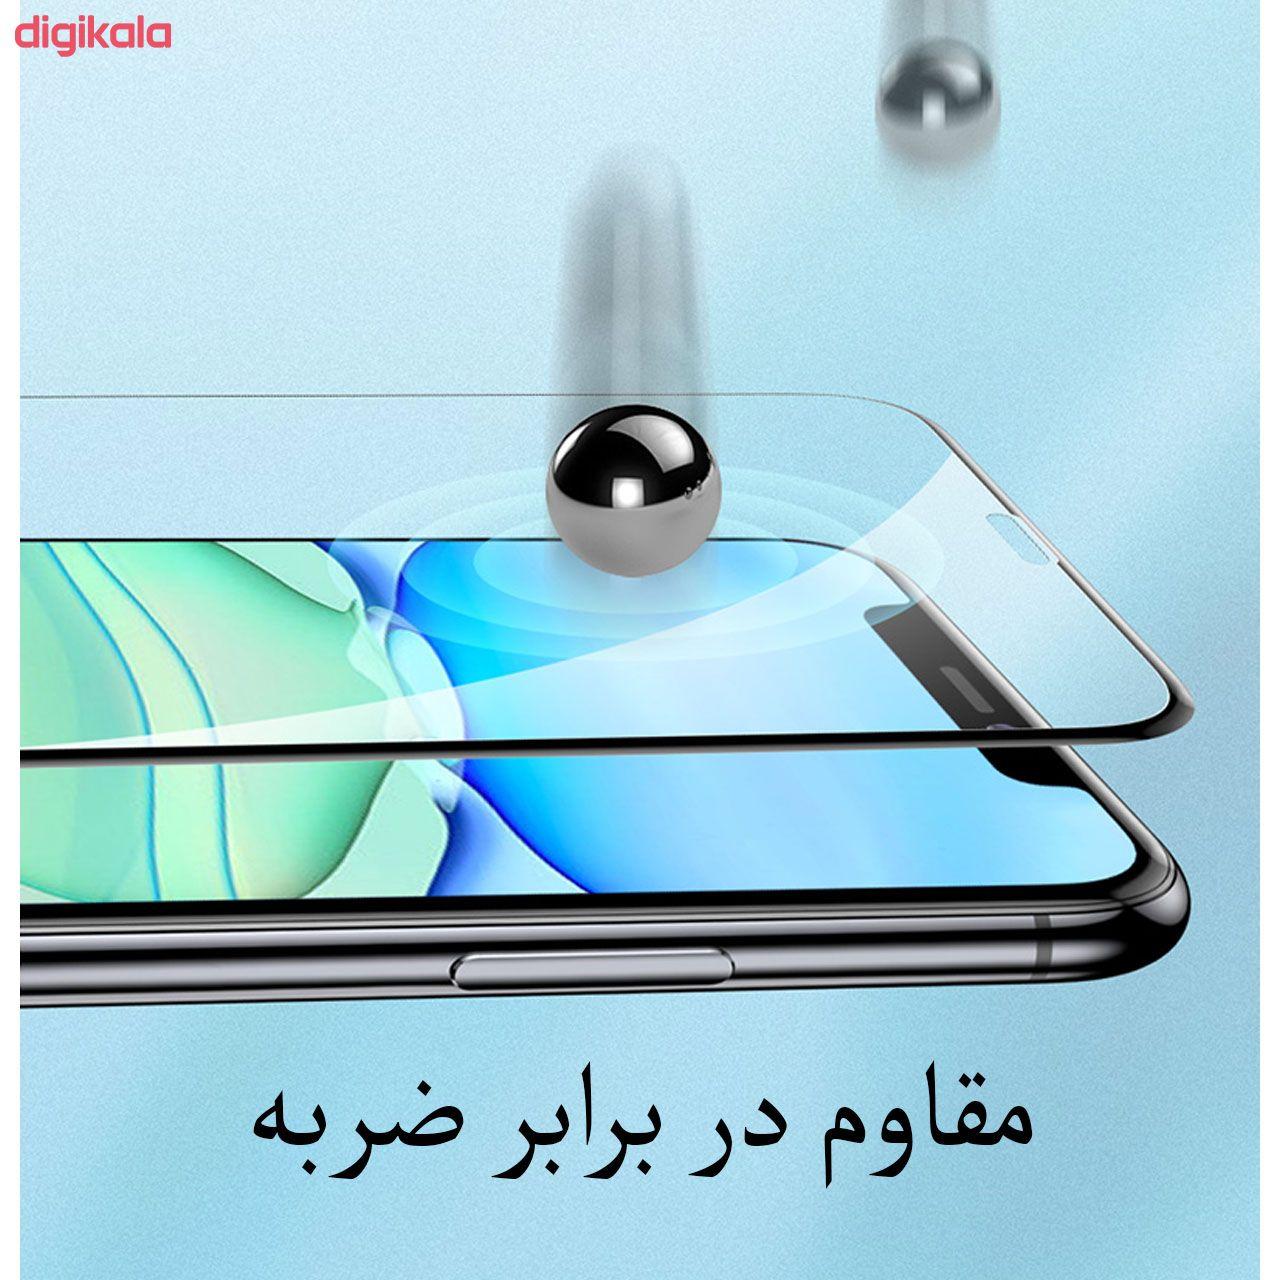 محافظ صفحه نمایش مدل FCG مناسب برای گوشی موبایل اپل iPhone 12 mini بسته دو عددی main 1 8